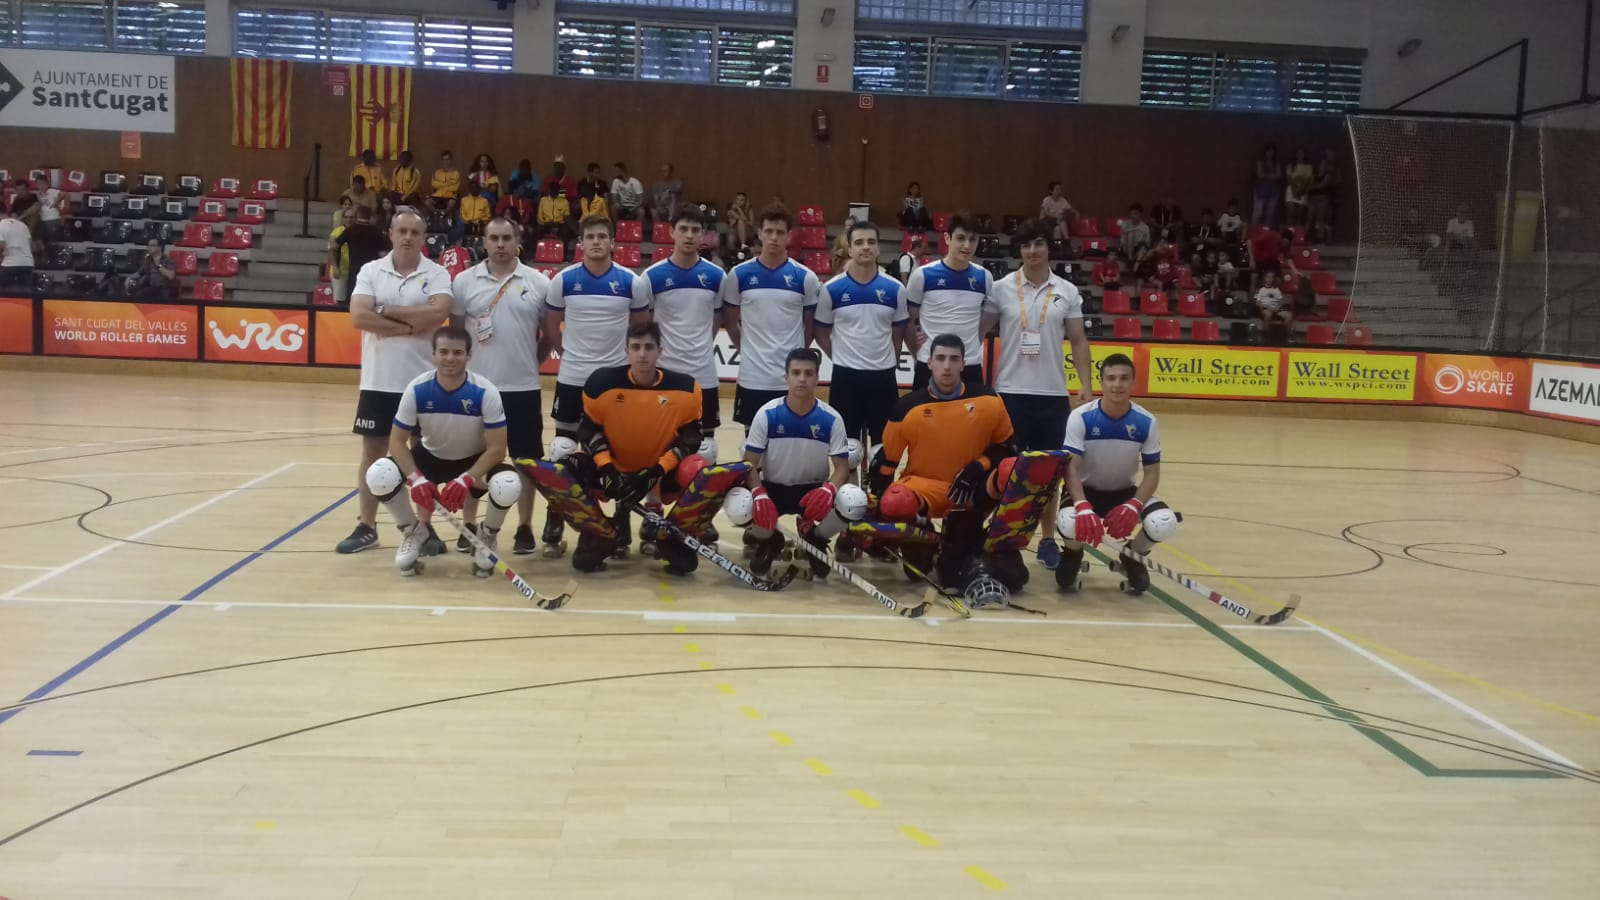 Primera derrota per a la selecció d'hoquei patins al Mundial B, contra Moçambic (3-1)